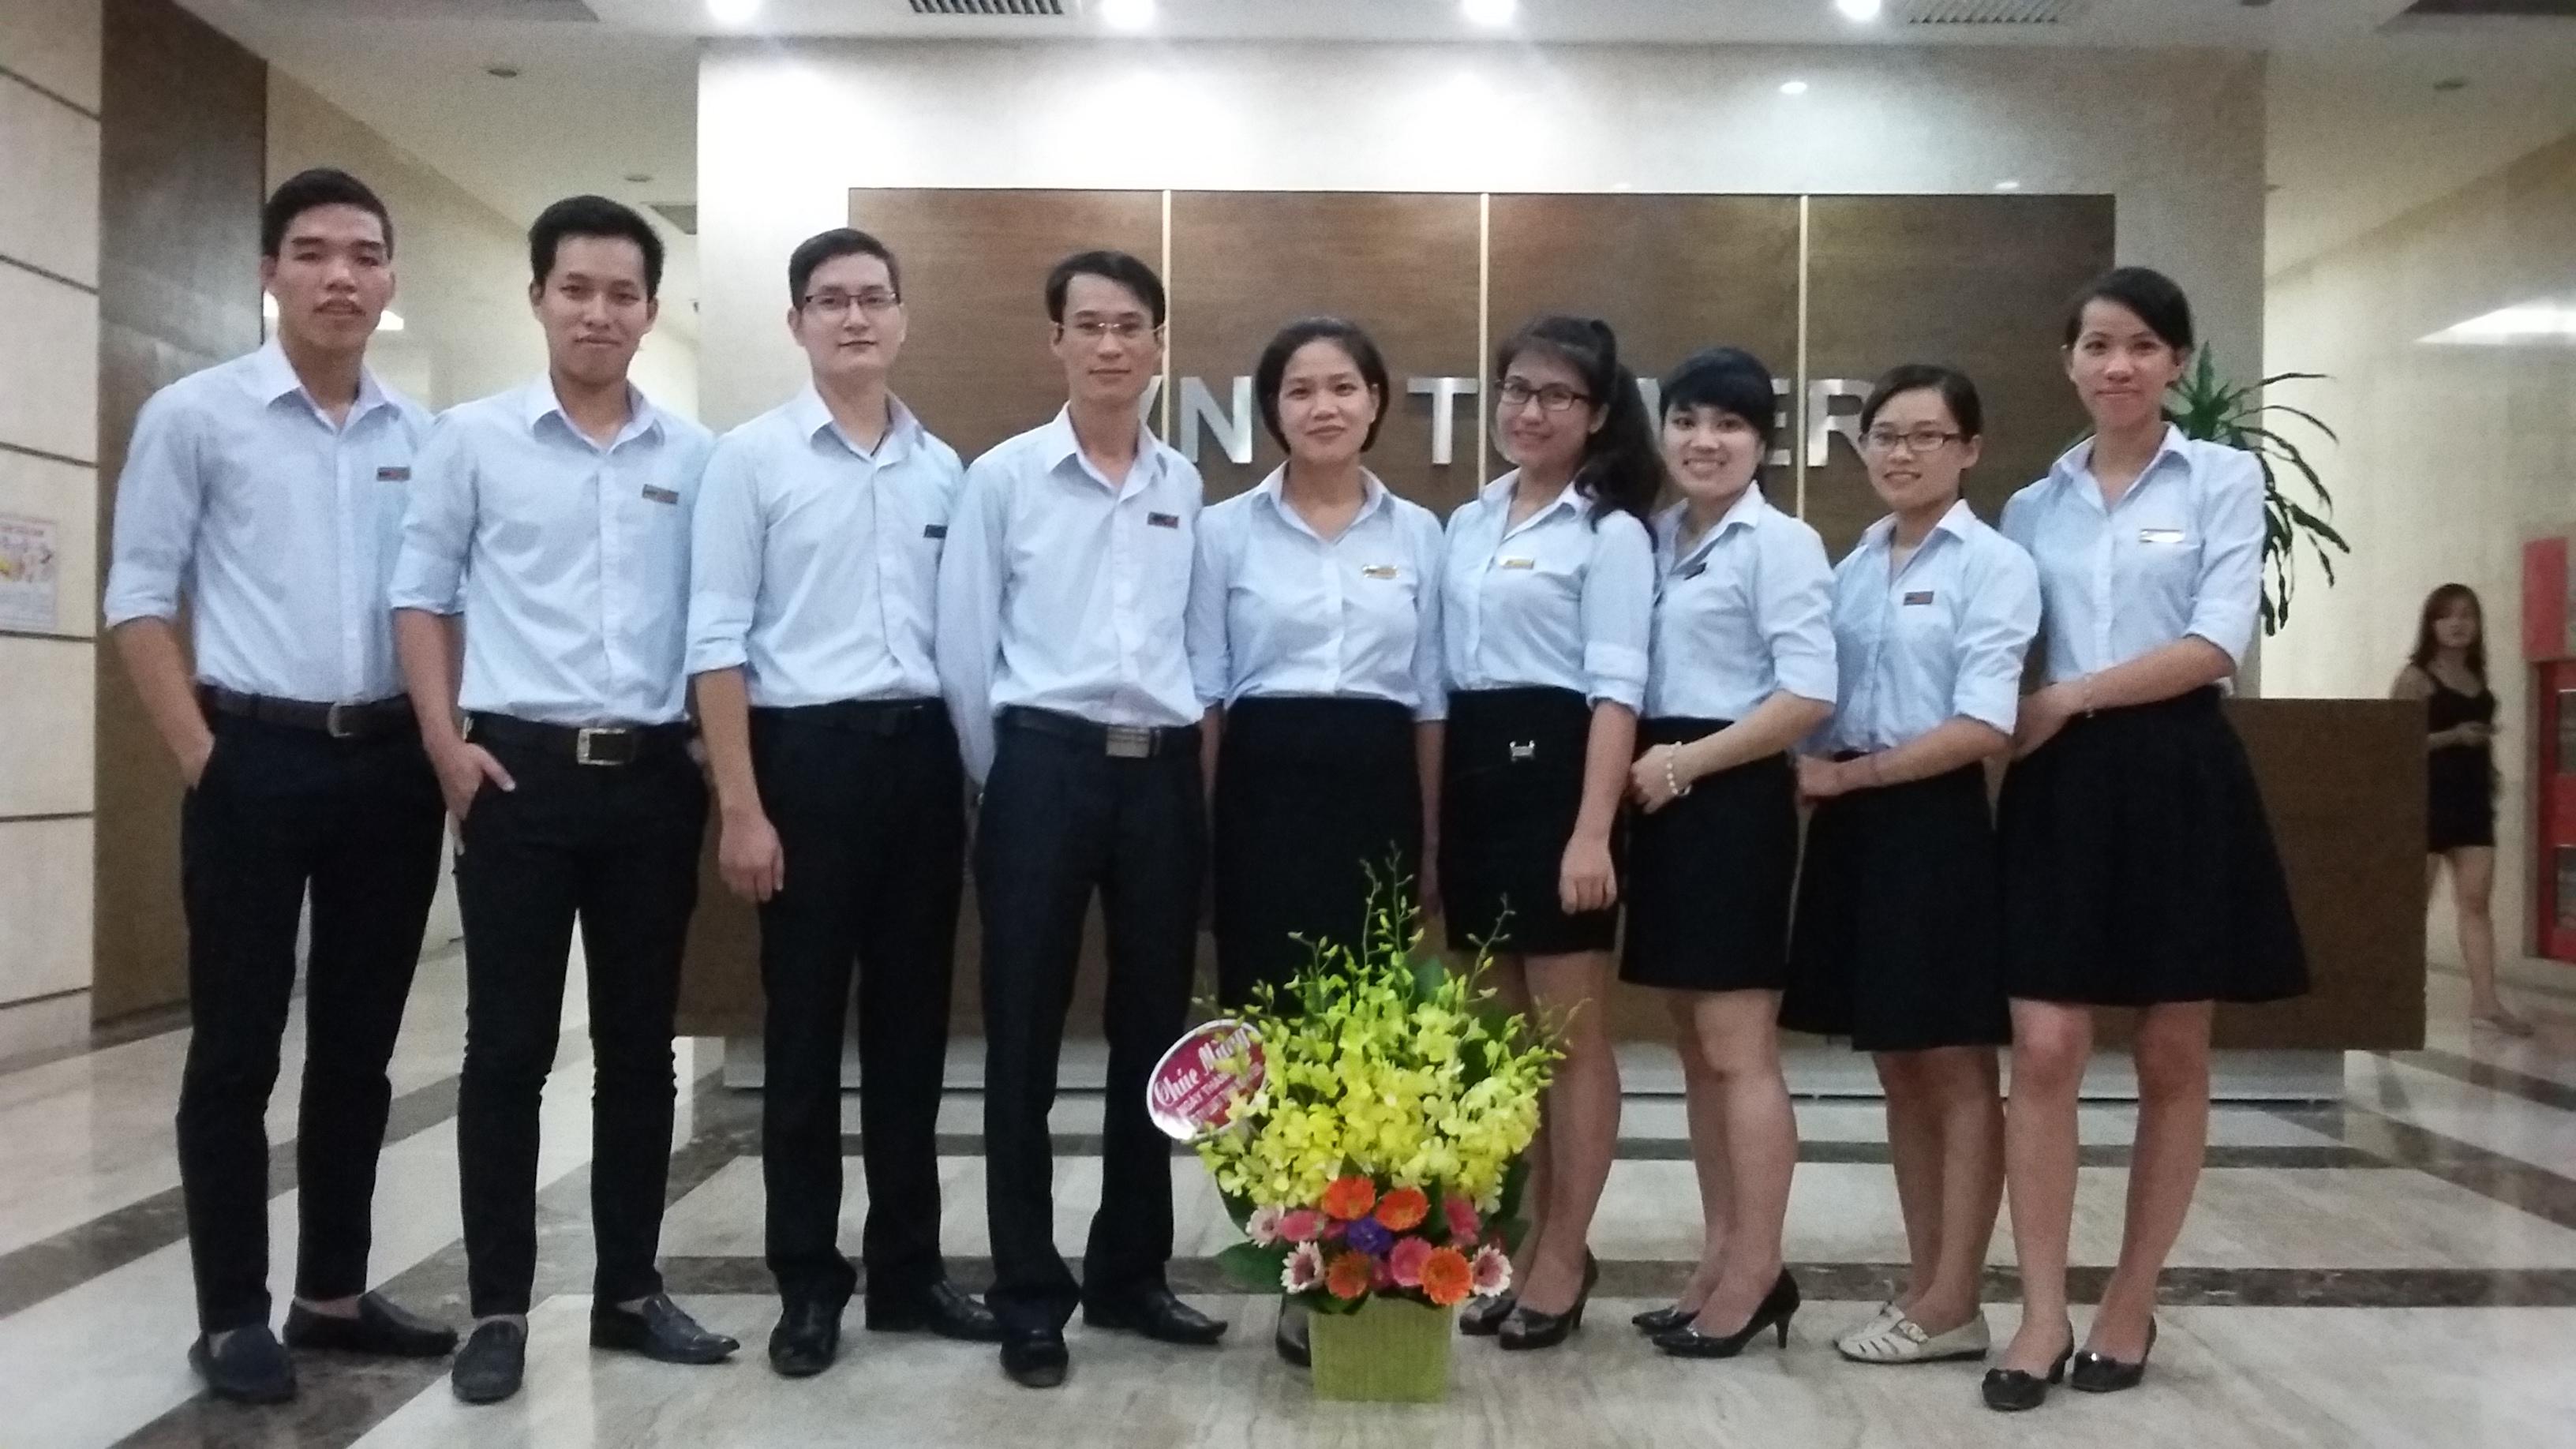 Tuyển sinh viên luật đăng ký tập sự - học việc tại văn phòng